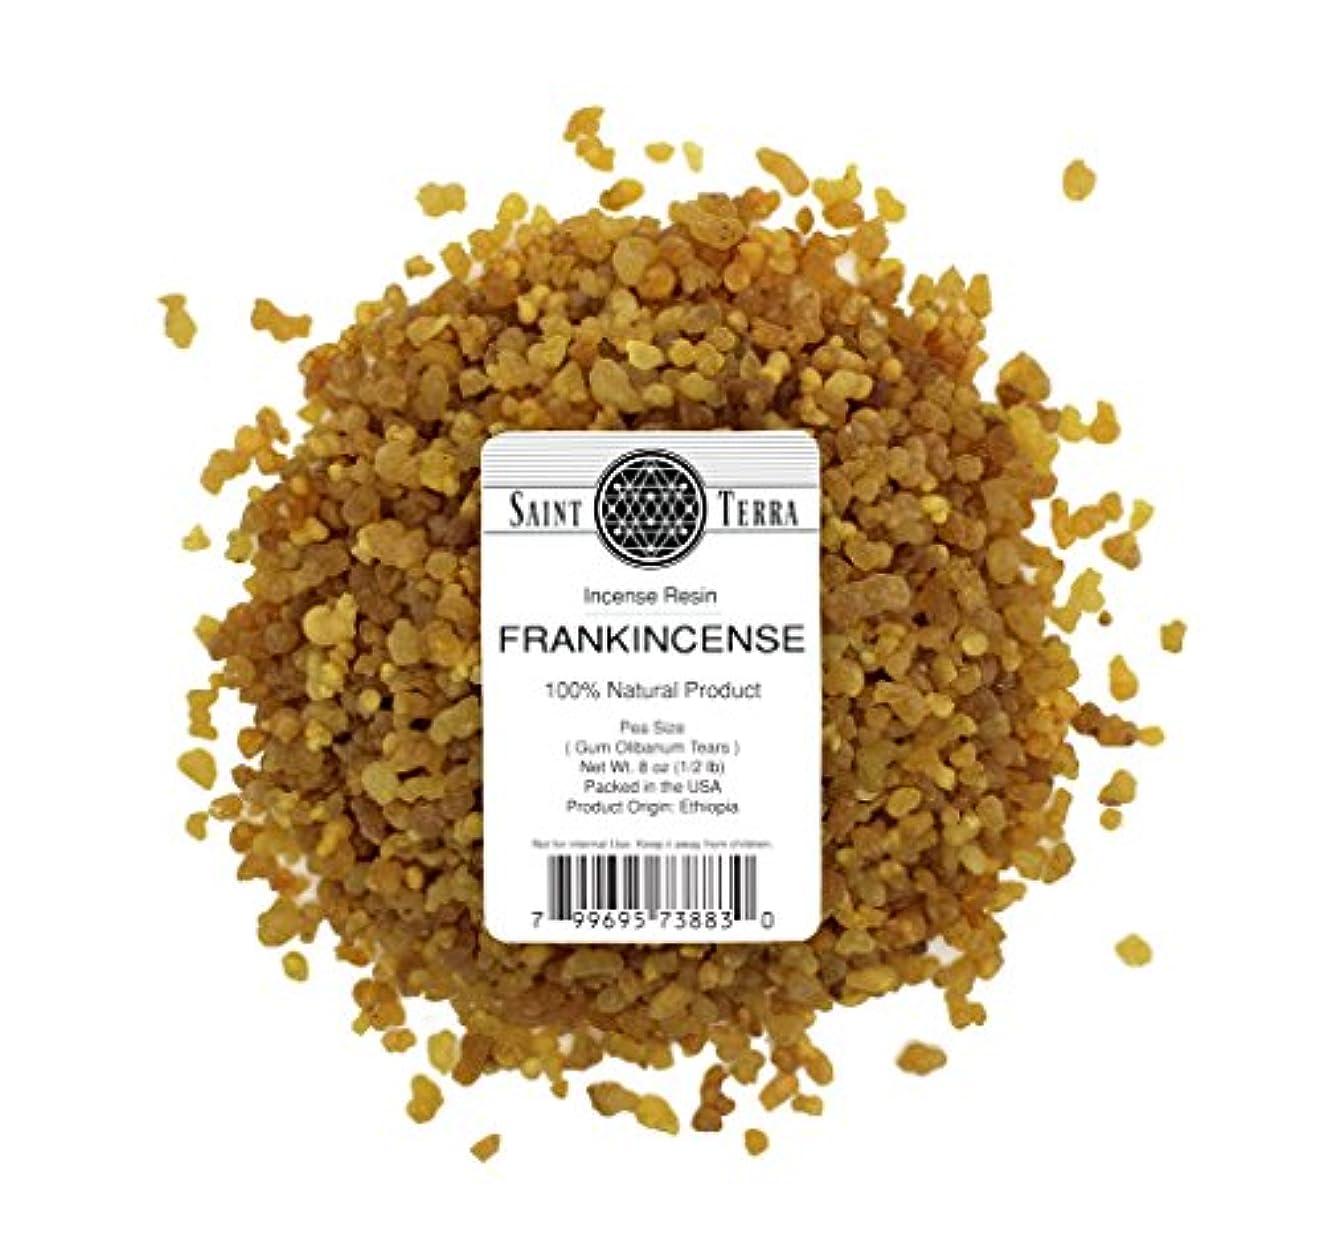 鋭く気絶させる気絶させるSaint Terra – Frankincense Incense樹脂Peaサイズ8 oz ( 1 / 2 lb ) – 100 % Natural